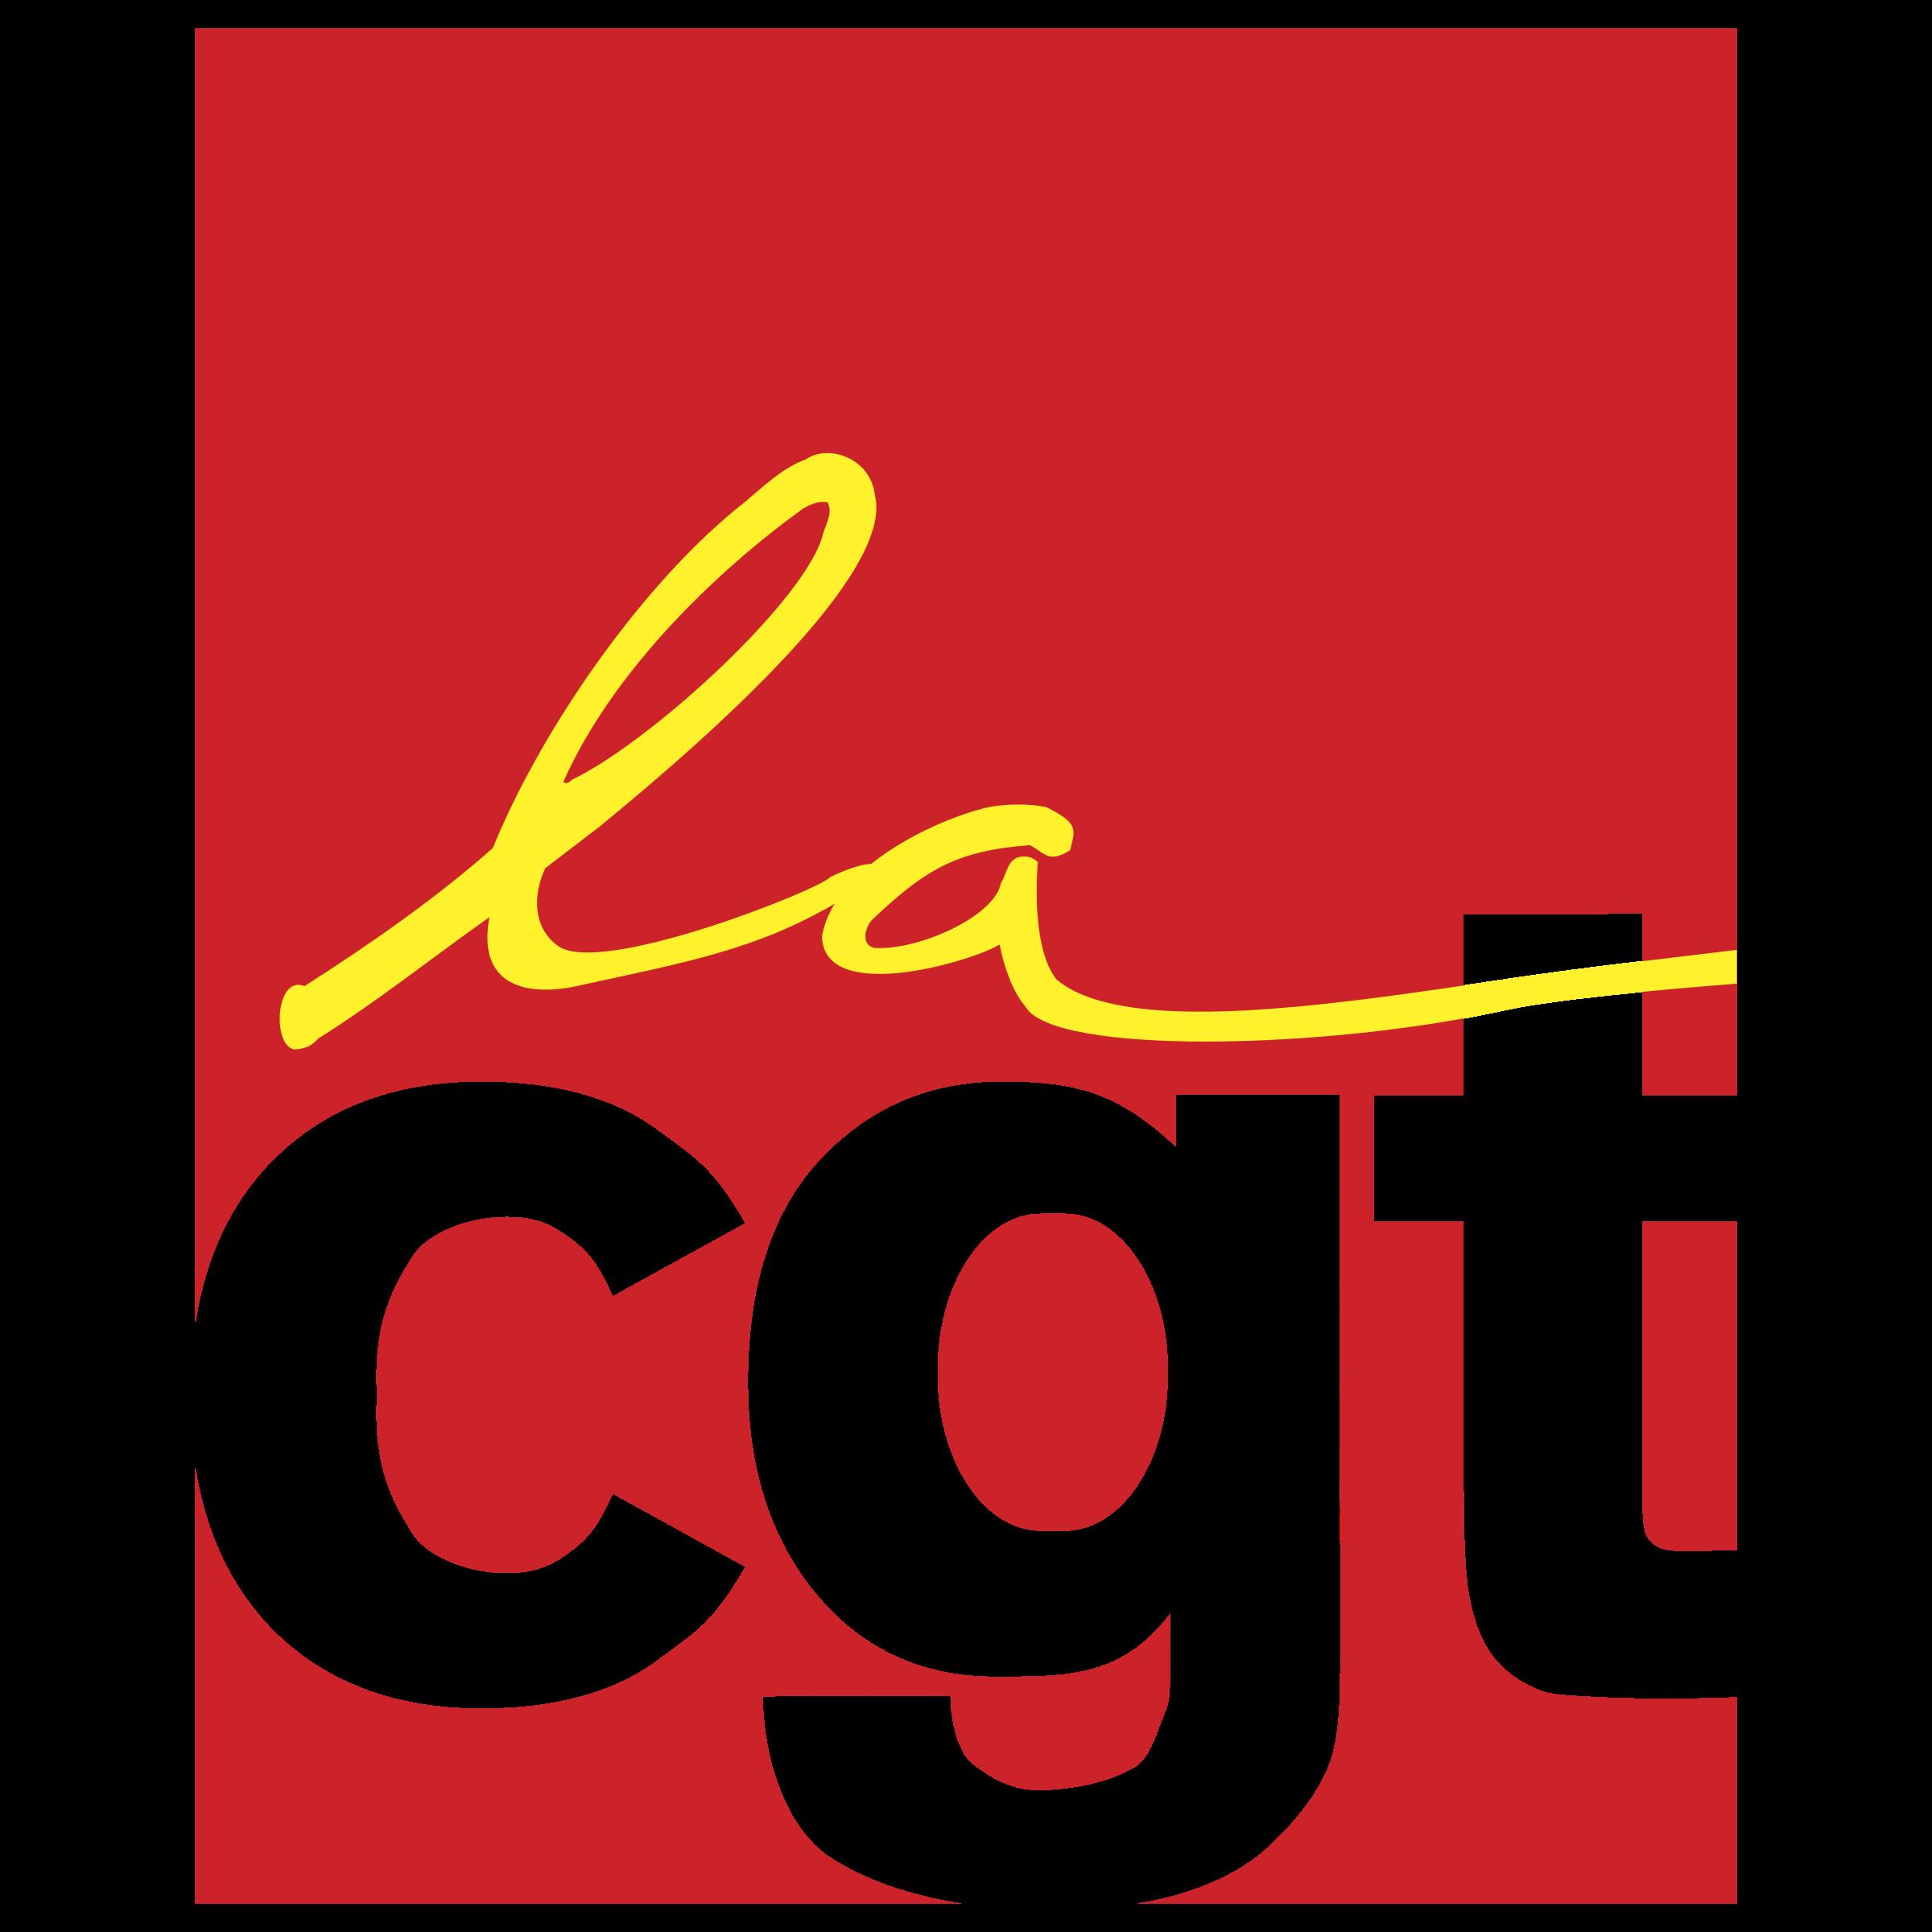 La Cgt Logo Png Transparent